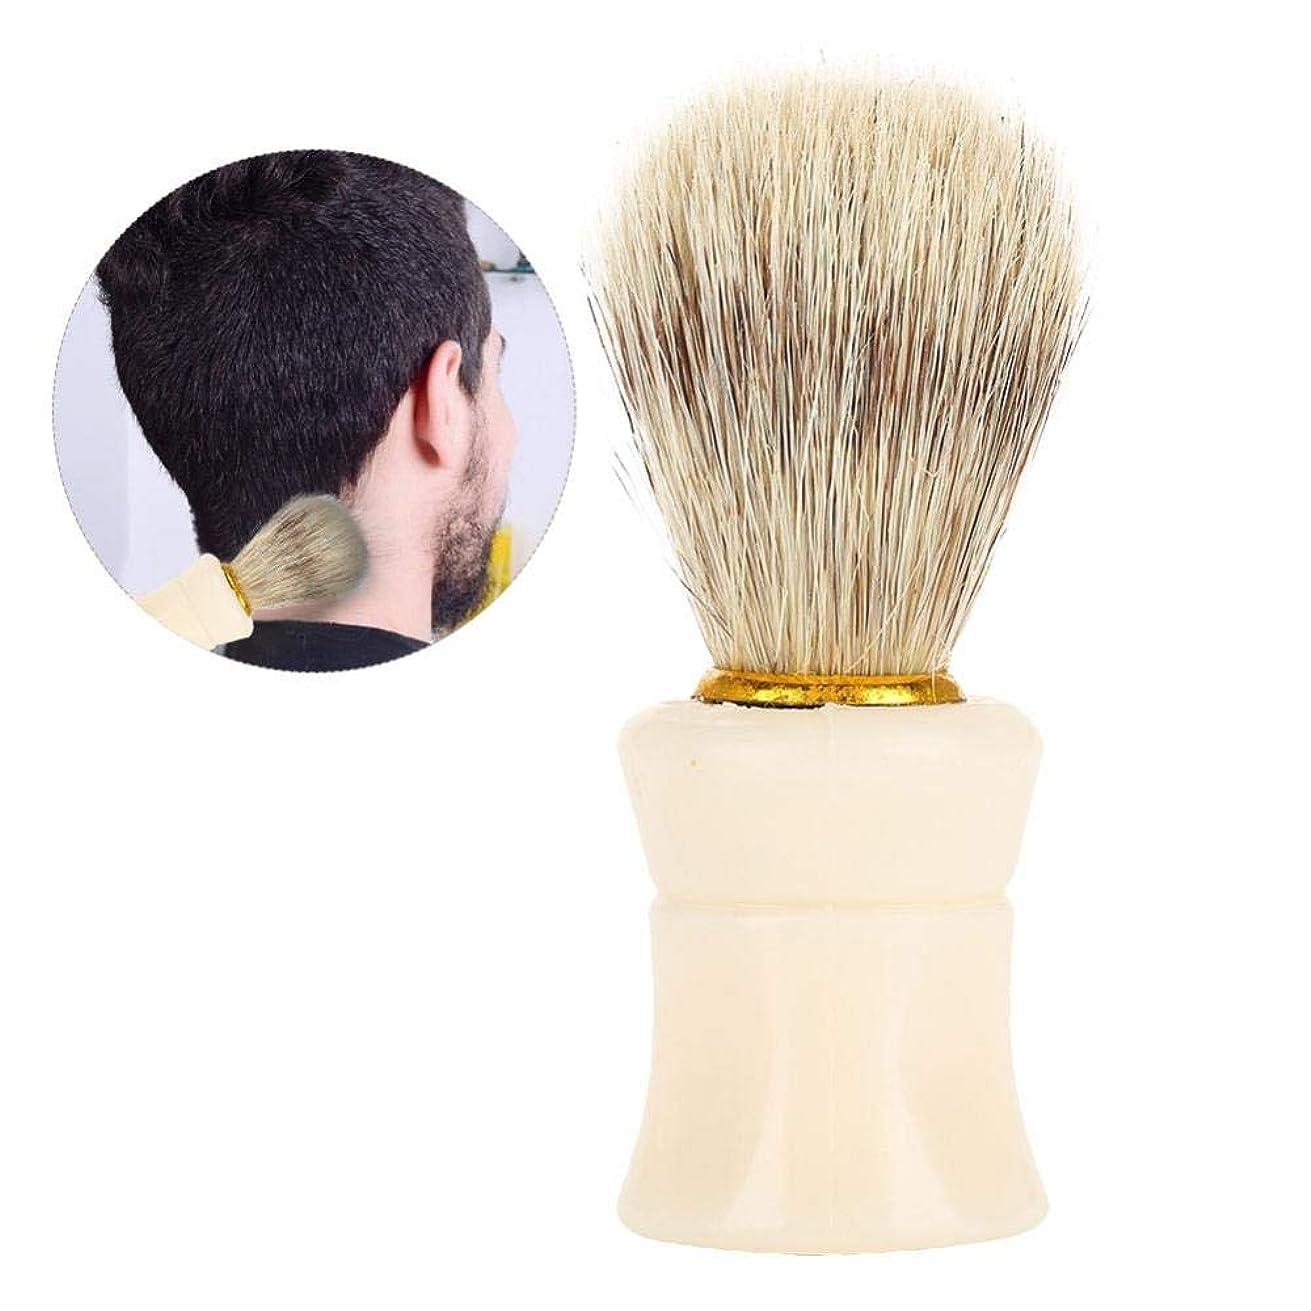 シャーク反抗小屋Semme理髪師クリーニングヘアブラシヘアスイープブラシ、プロフェッショナルネックダスターブラシ理髪師理髪クリーニングヘアブラシ